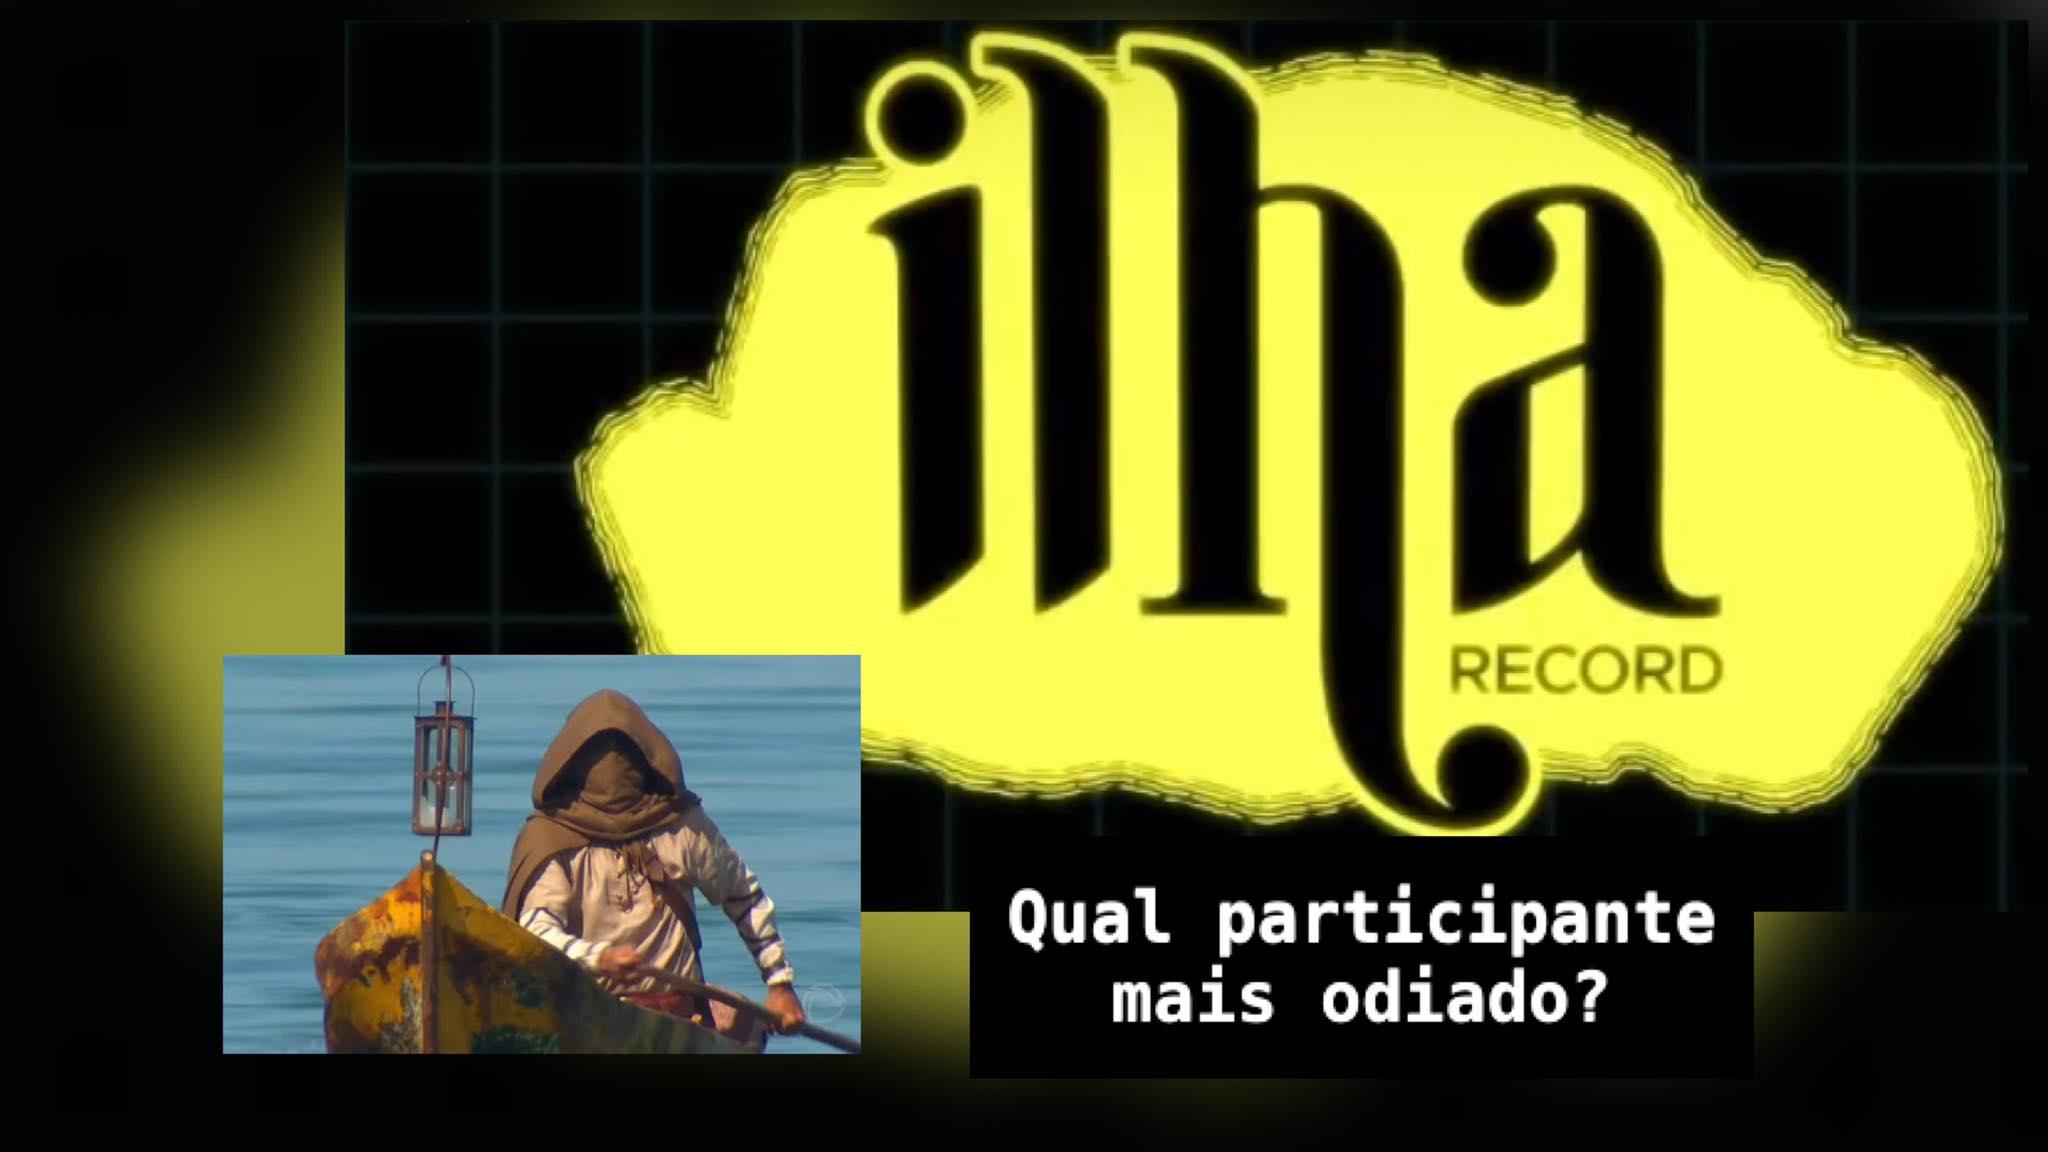 O Guardião do Ilha Record tem várias funções no jogo. Apesar de não falar ele já deve ter seus participantes favoritos. Fonte: Montagem/ Fashion Bubbles